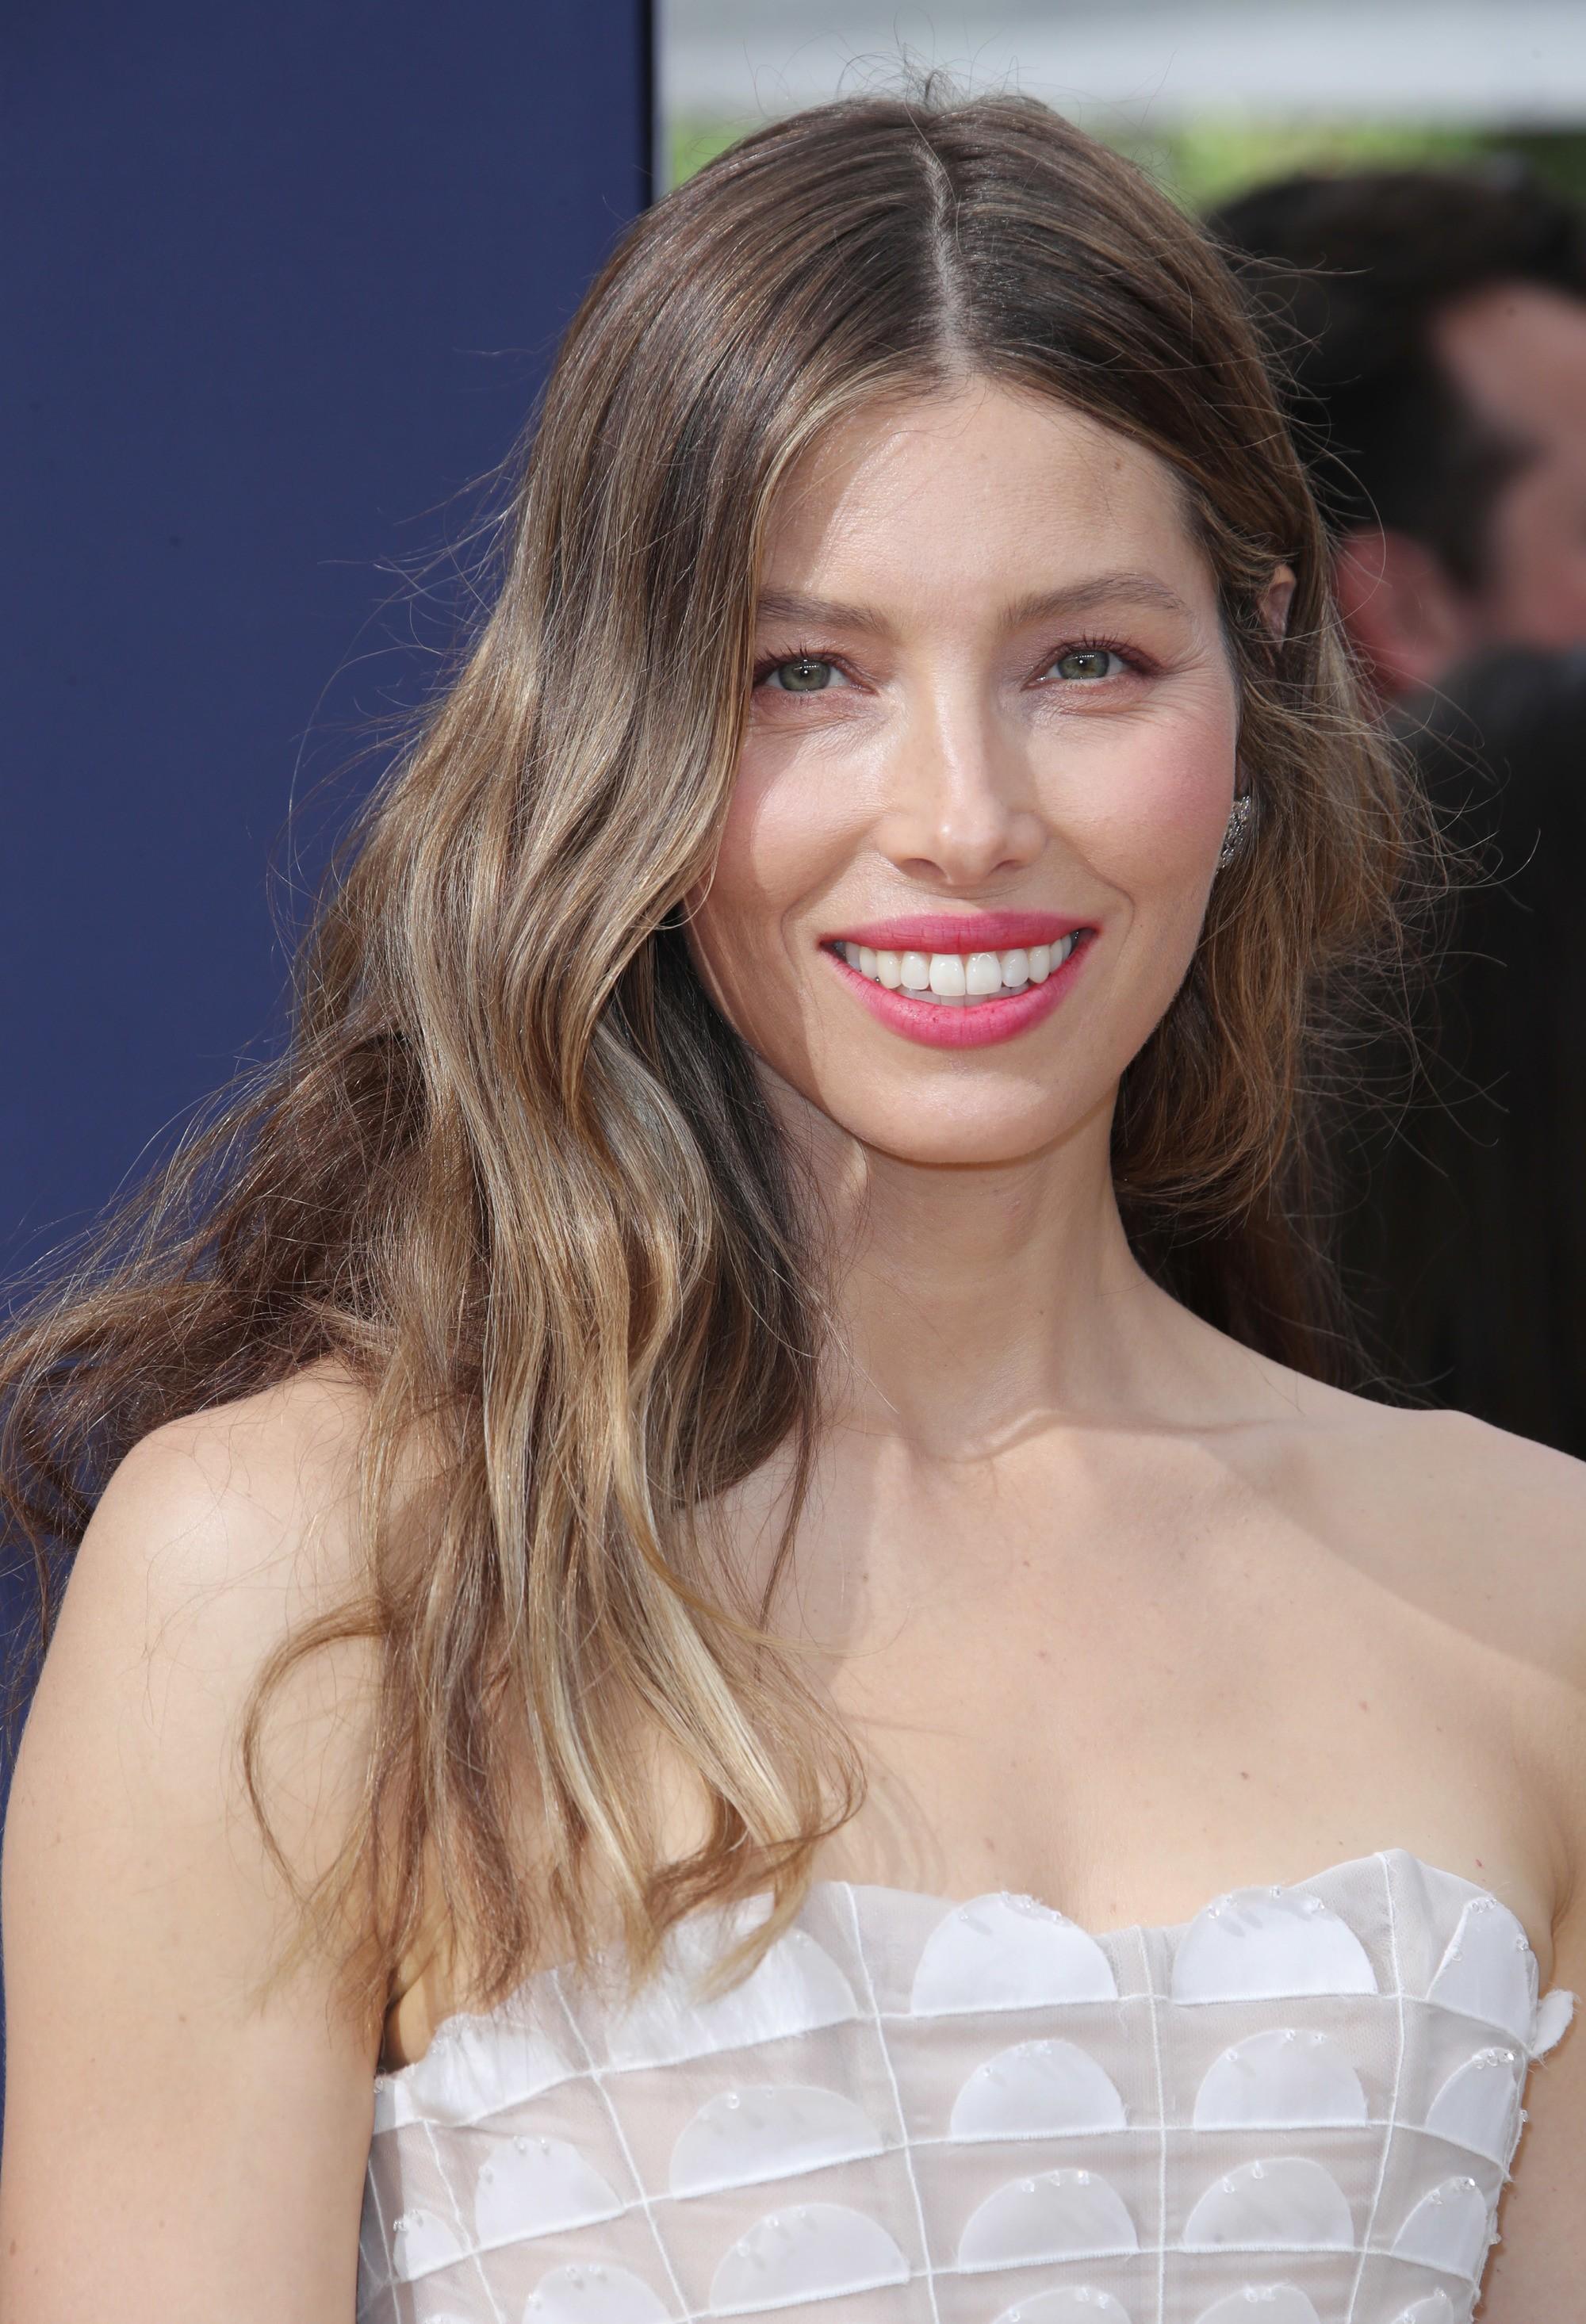 Jessica Biel, cheveux châtain cendré avec des cheveux caramel sable, portant un haut blanc sur le tapis rouge